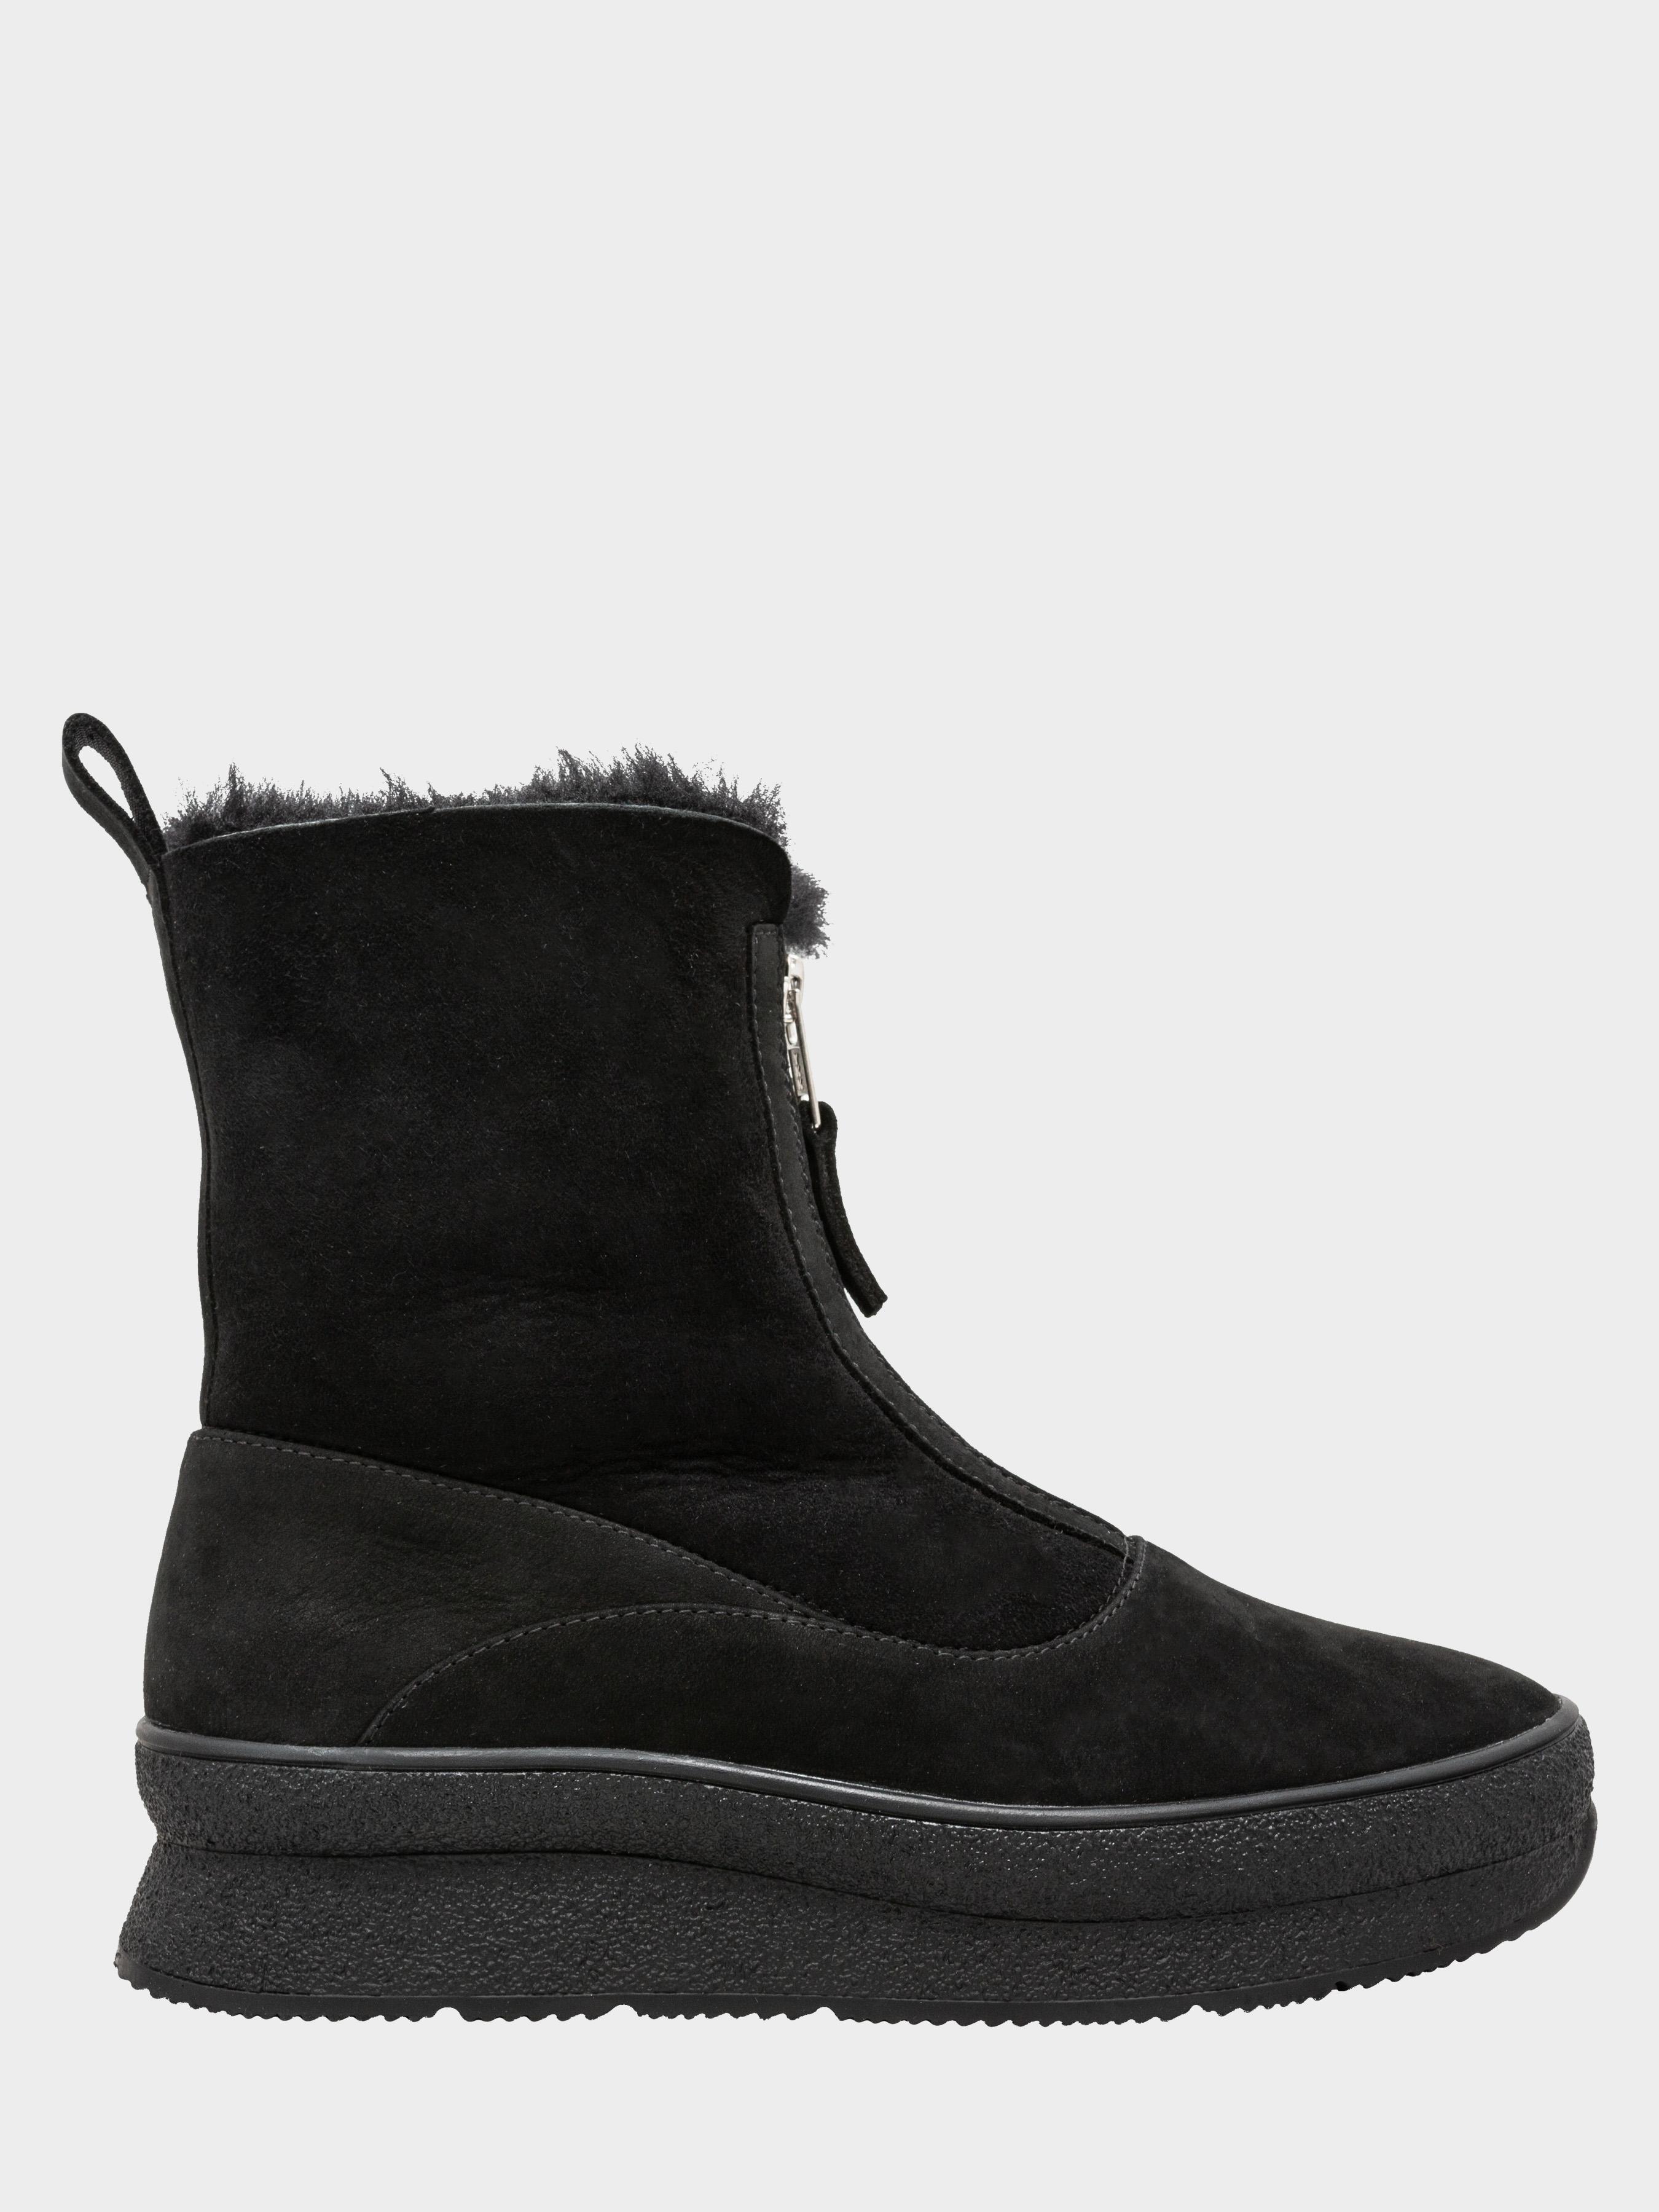 Ботинки для женщин Ботинки женские ENZO VERRATTI 18-1462-8m размерная сетка обуви, 2017